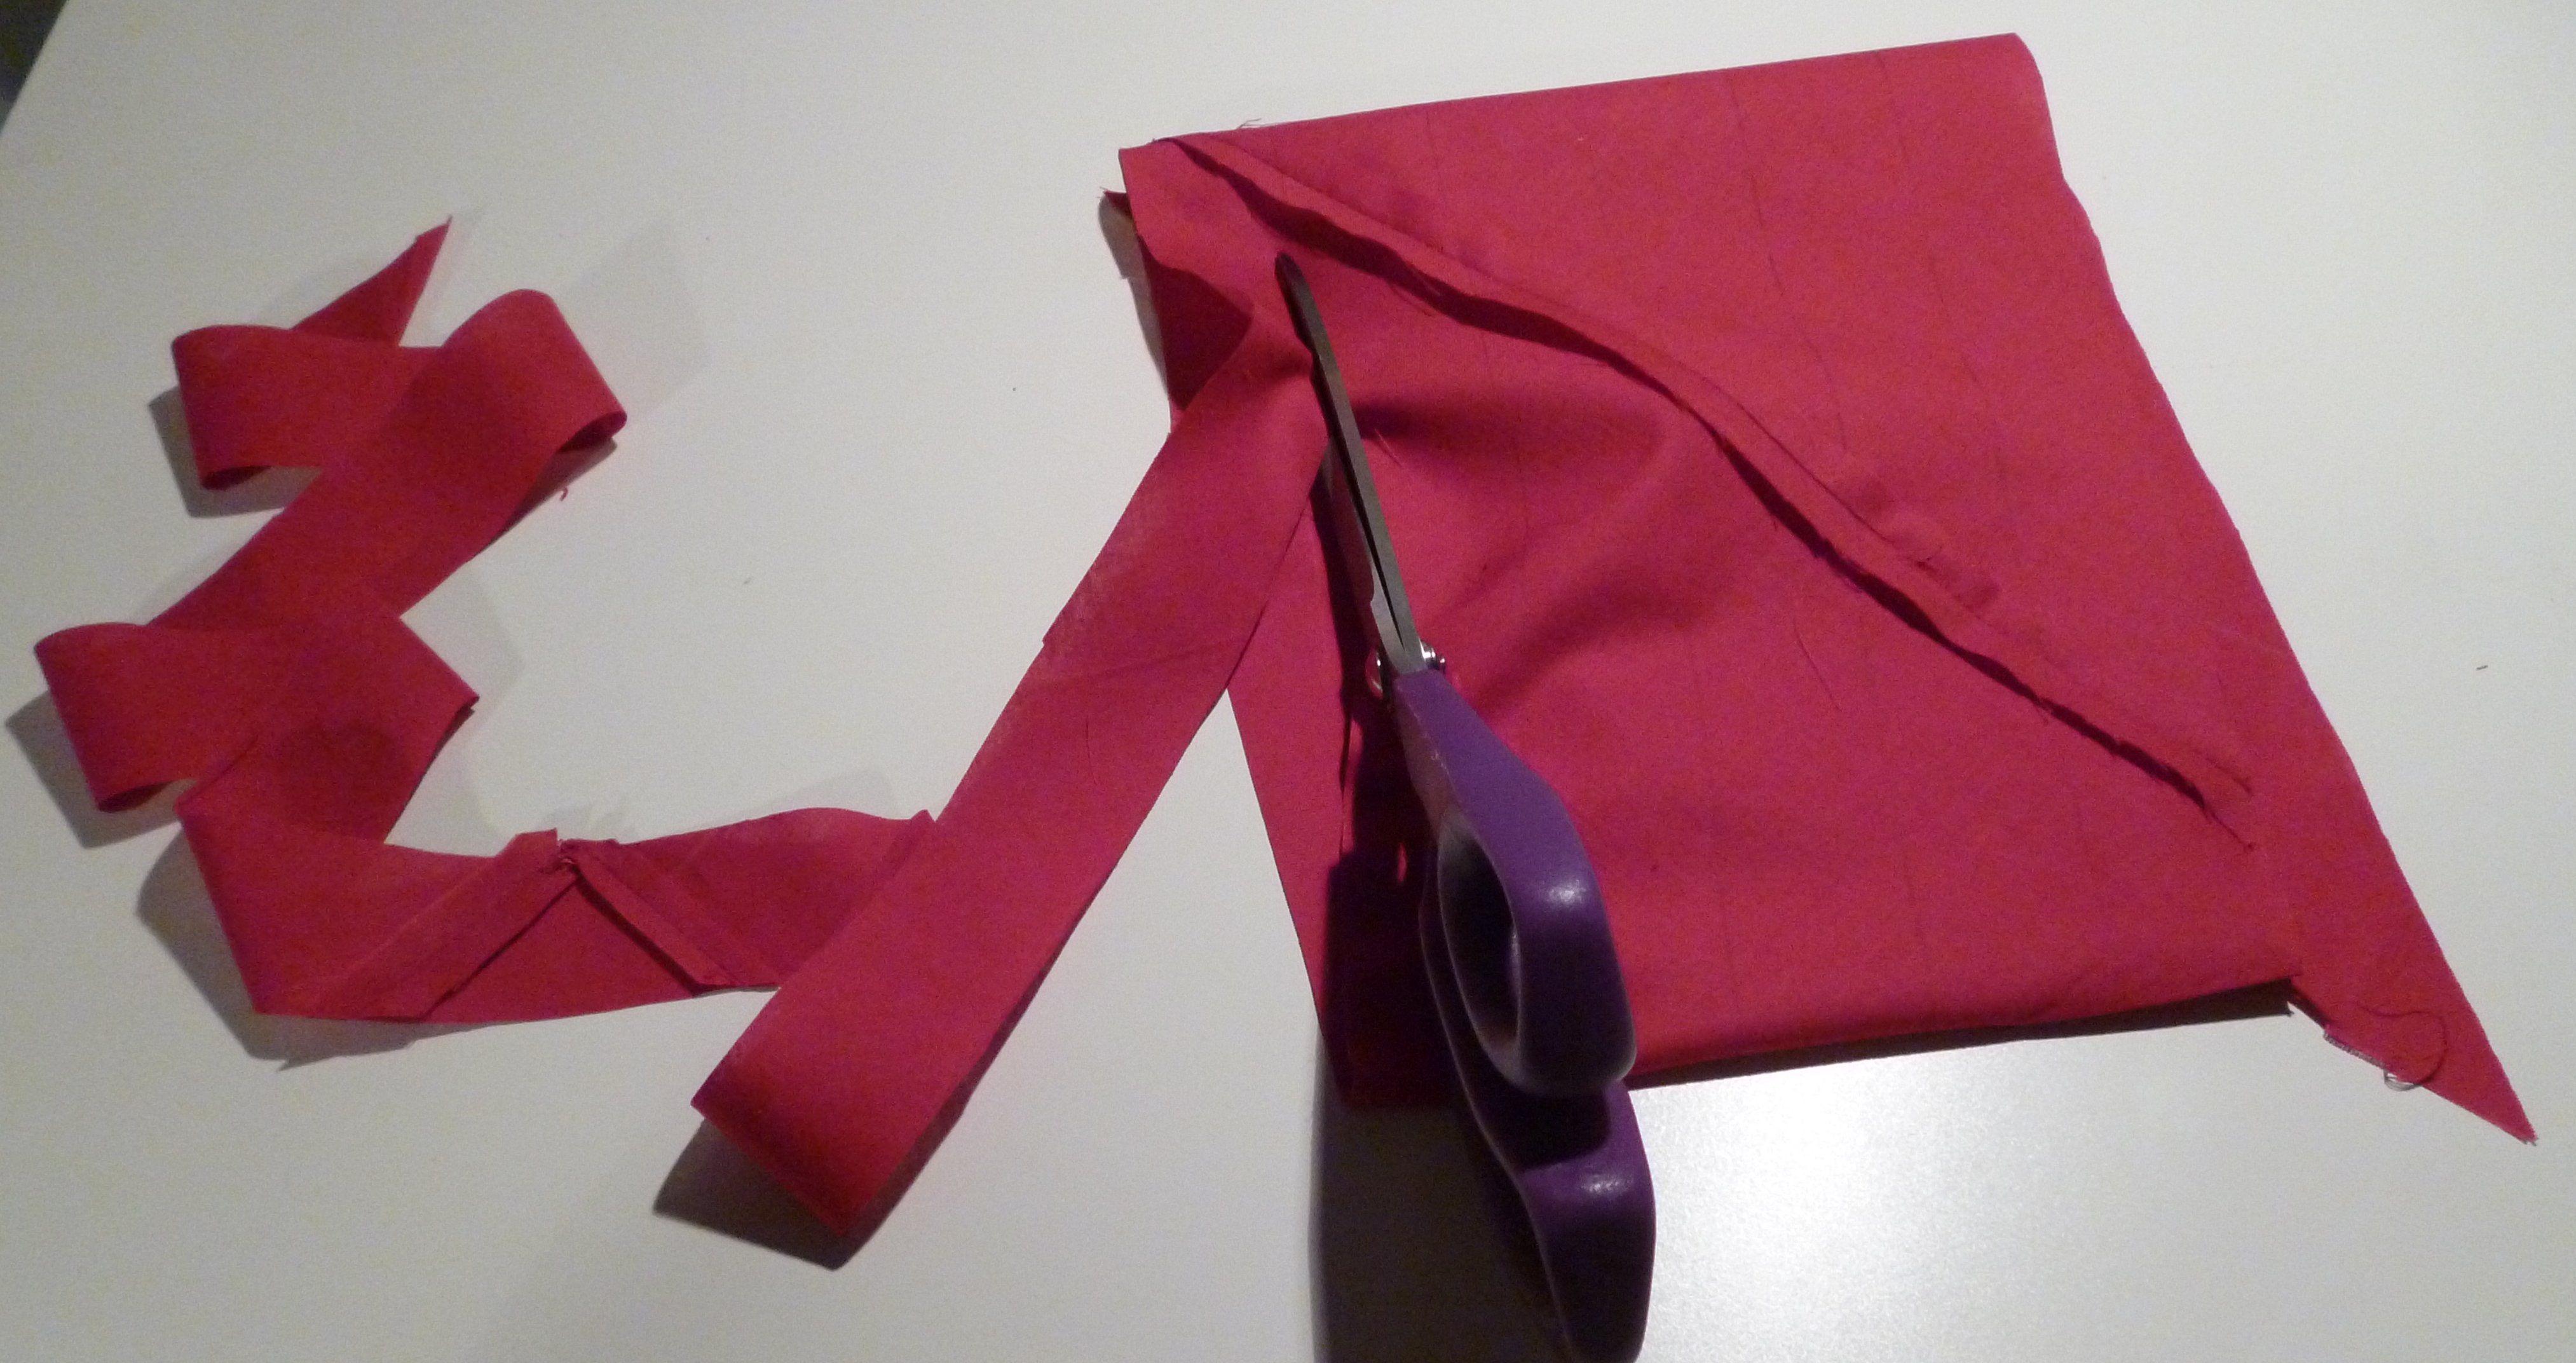 technique r aliser un biais continu dans un minimum de tissu couture biais couture et. Black Bedroom Furniture Sets. Home Design Ideas